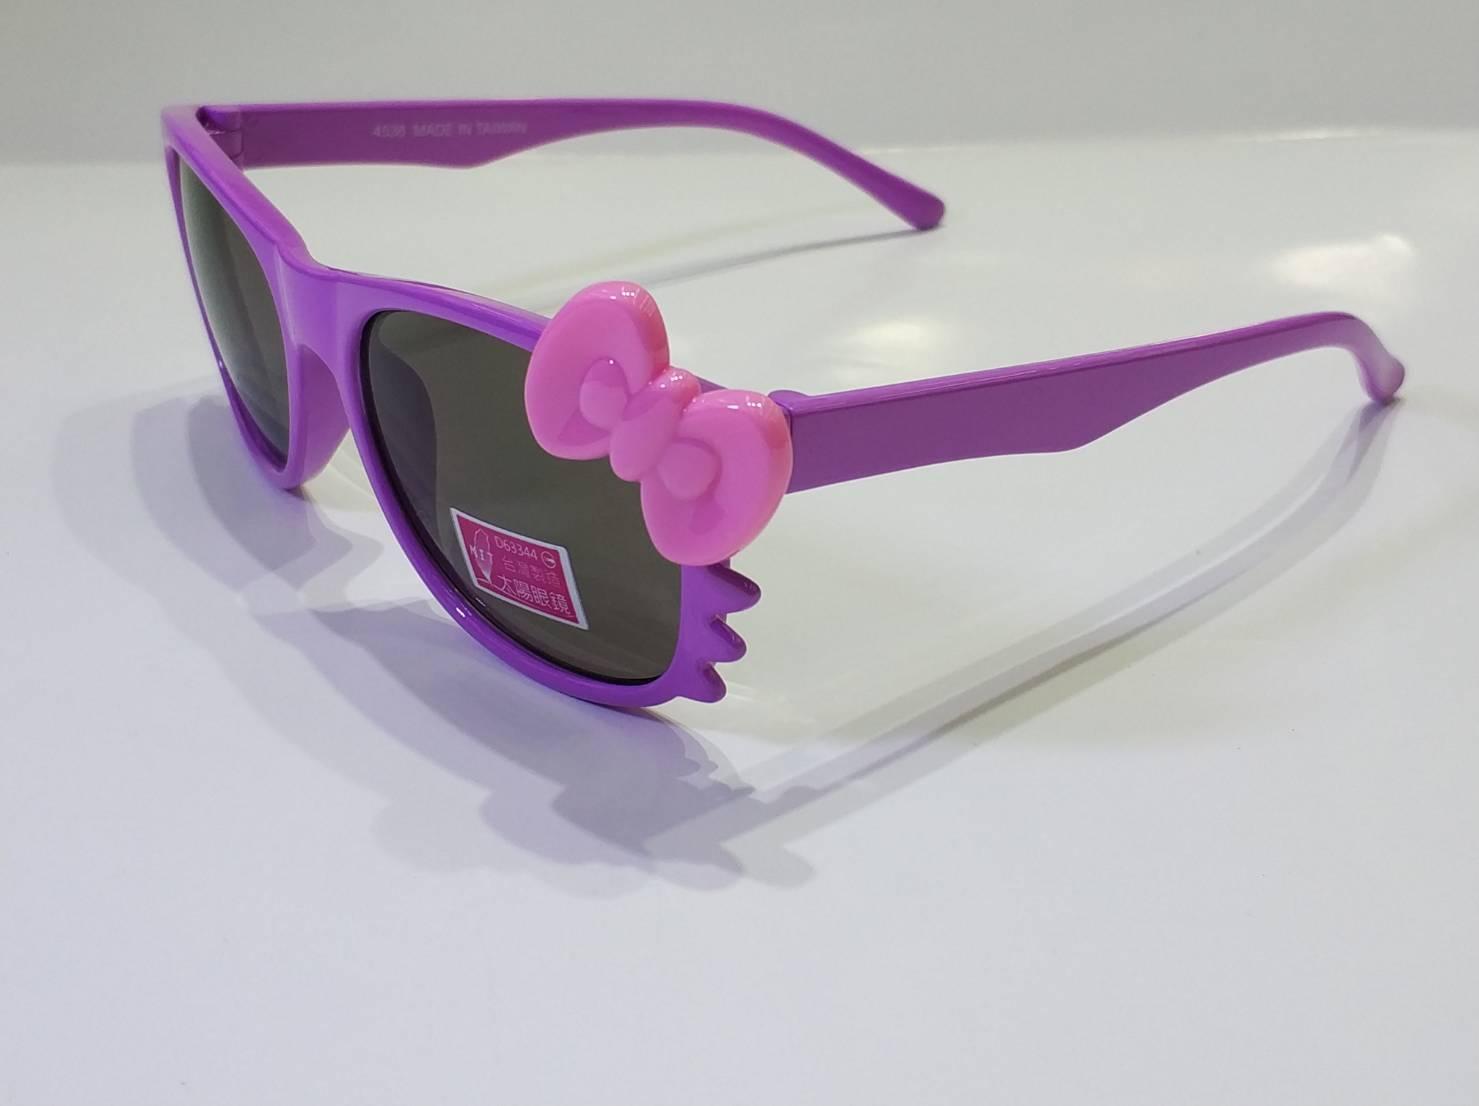 喵喵 貓咪 造型 兒童鏡框 太陽眼鏡 蝴蝶結 可愛造型太陽眼鏡  兒童眼鏡  購買此商品可以另加購眼鏡布優惠價只要1元